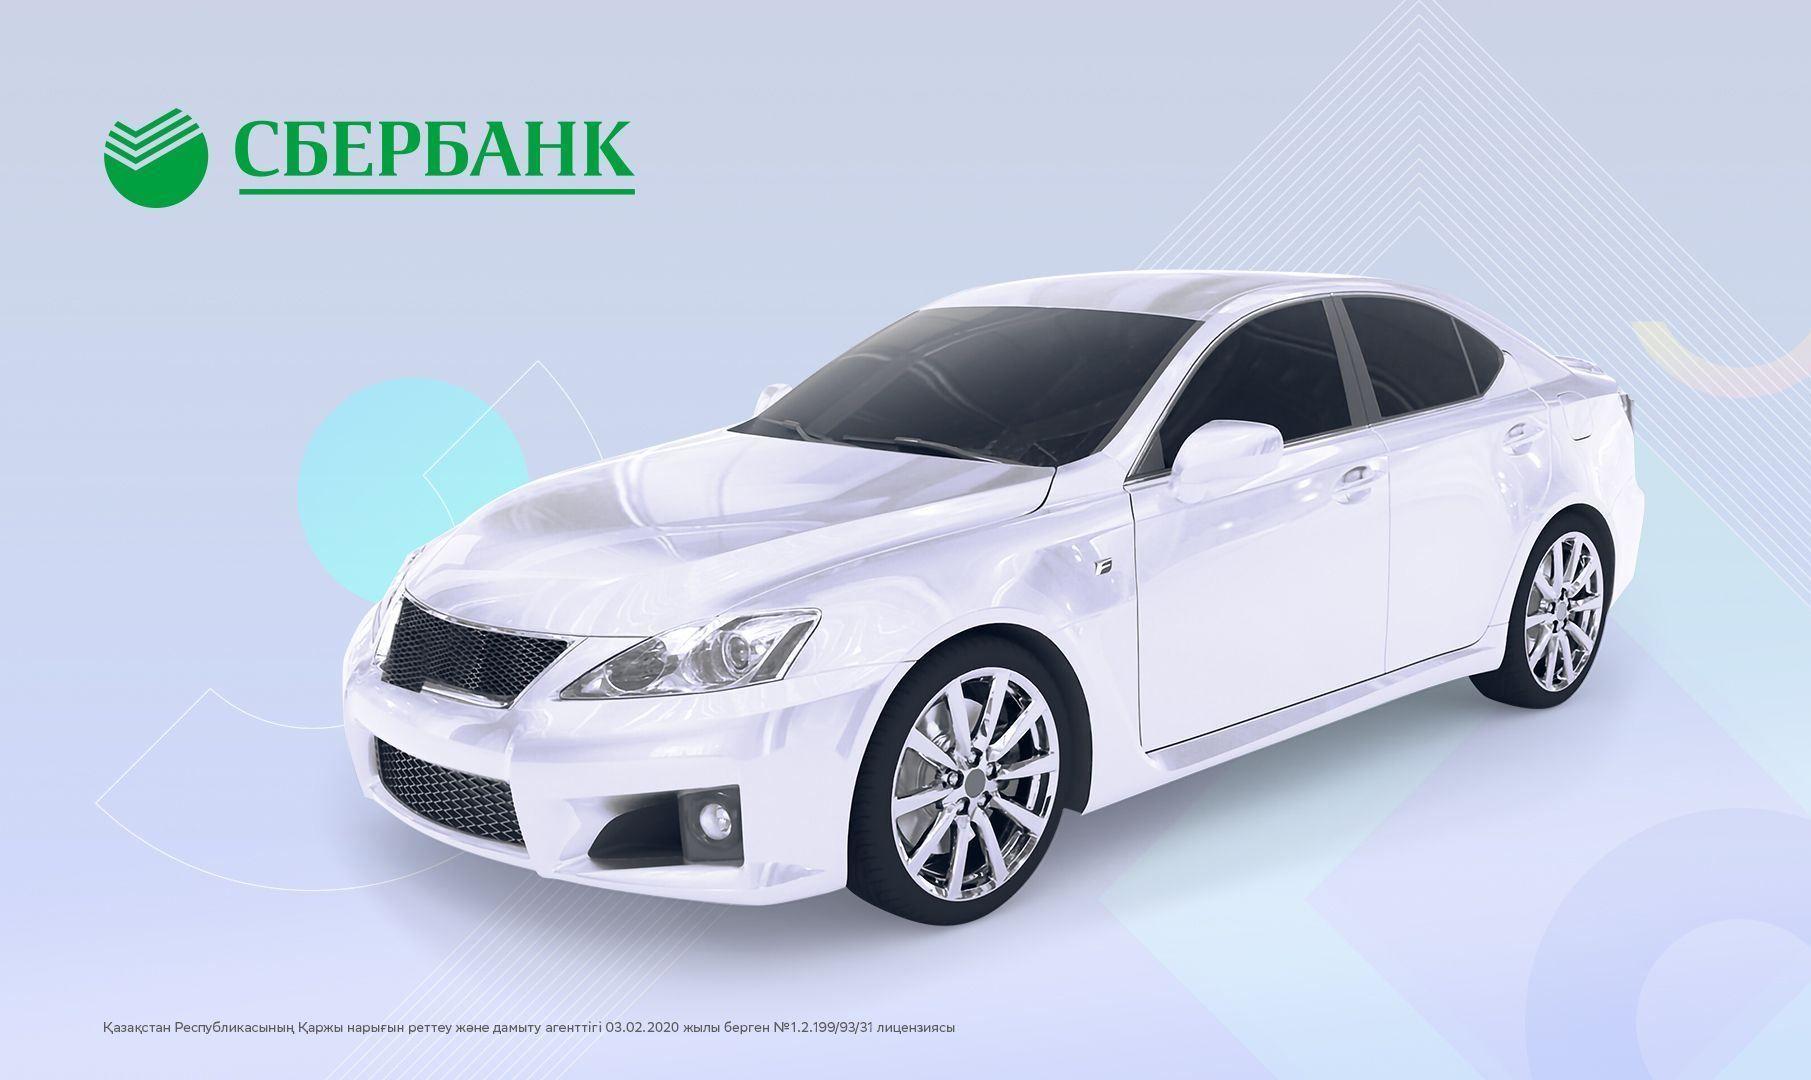 Приобрести и продать авто можно будет в мобильном приложении Сбербанка- Kapital.kz